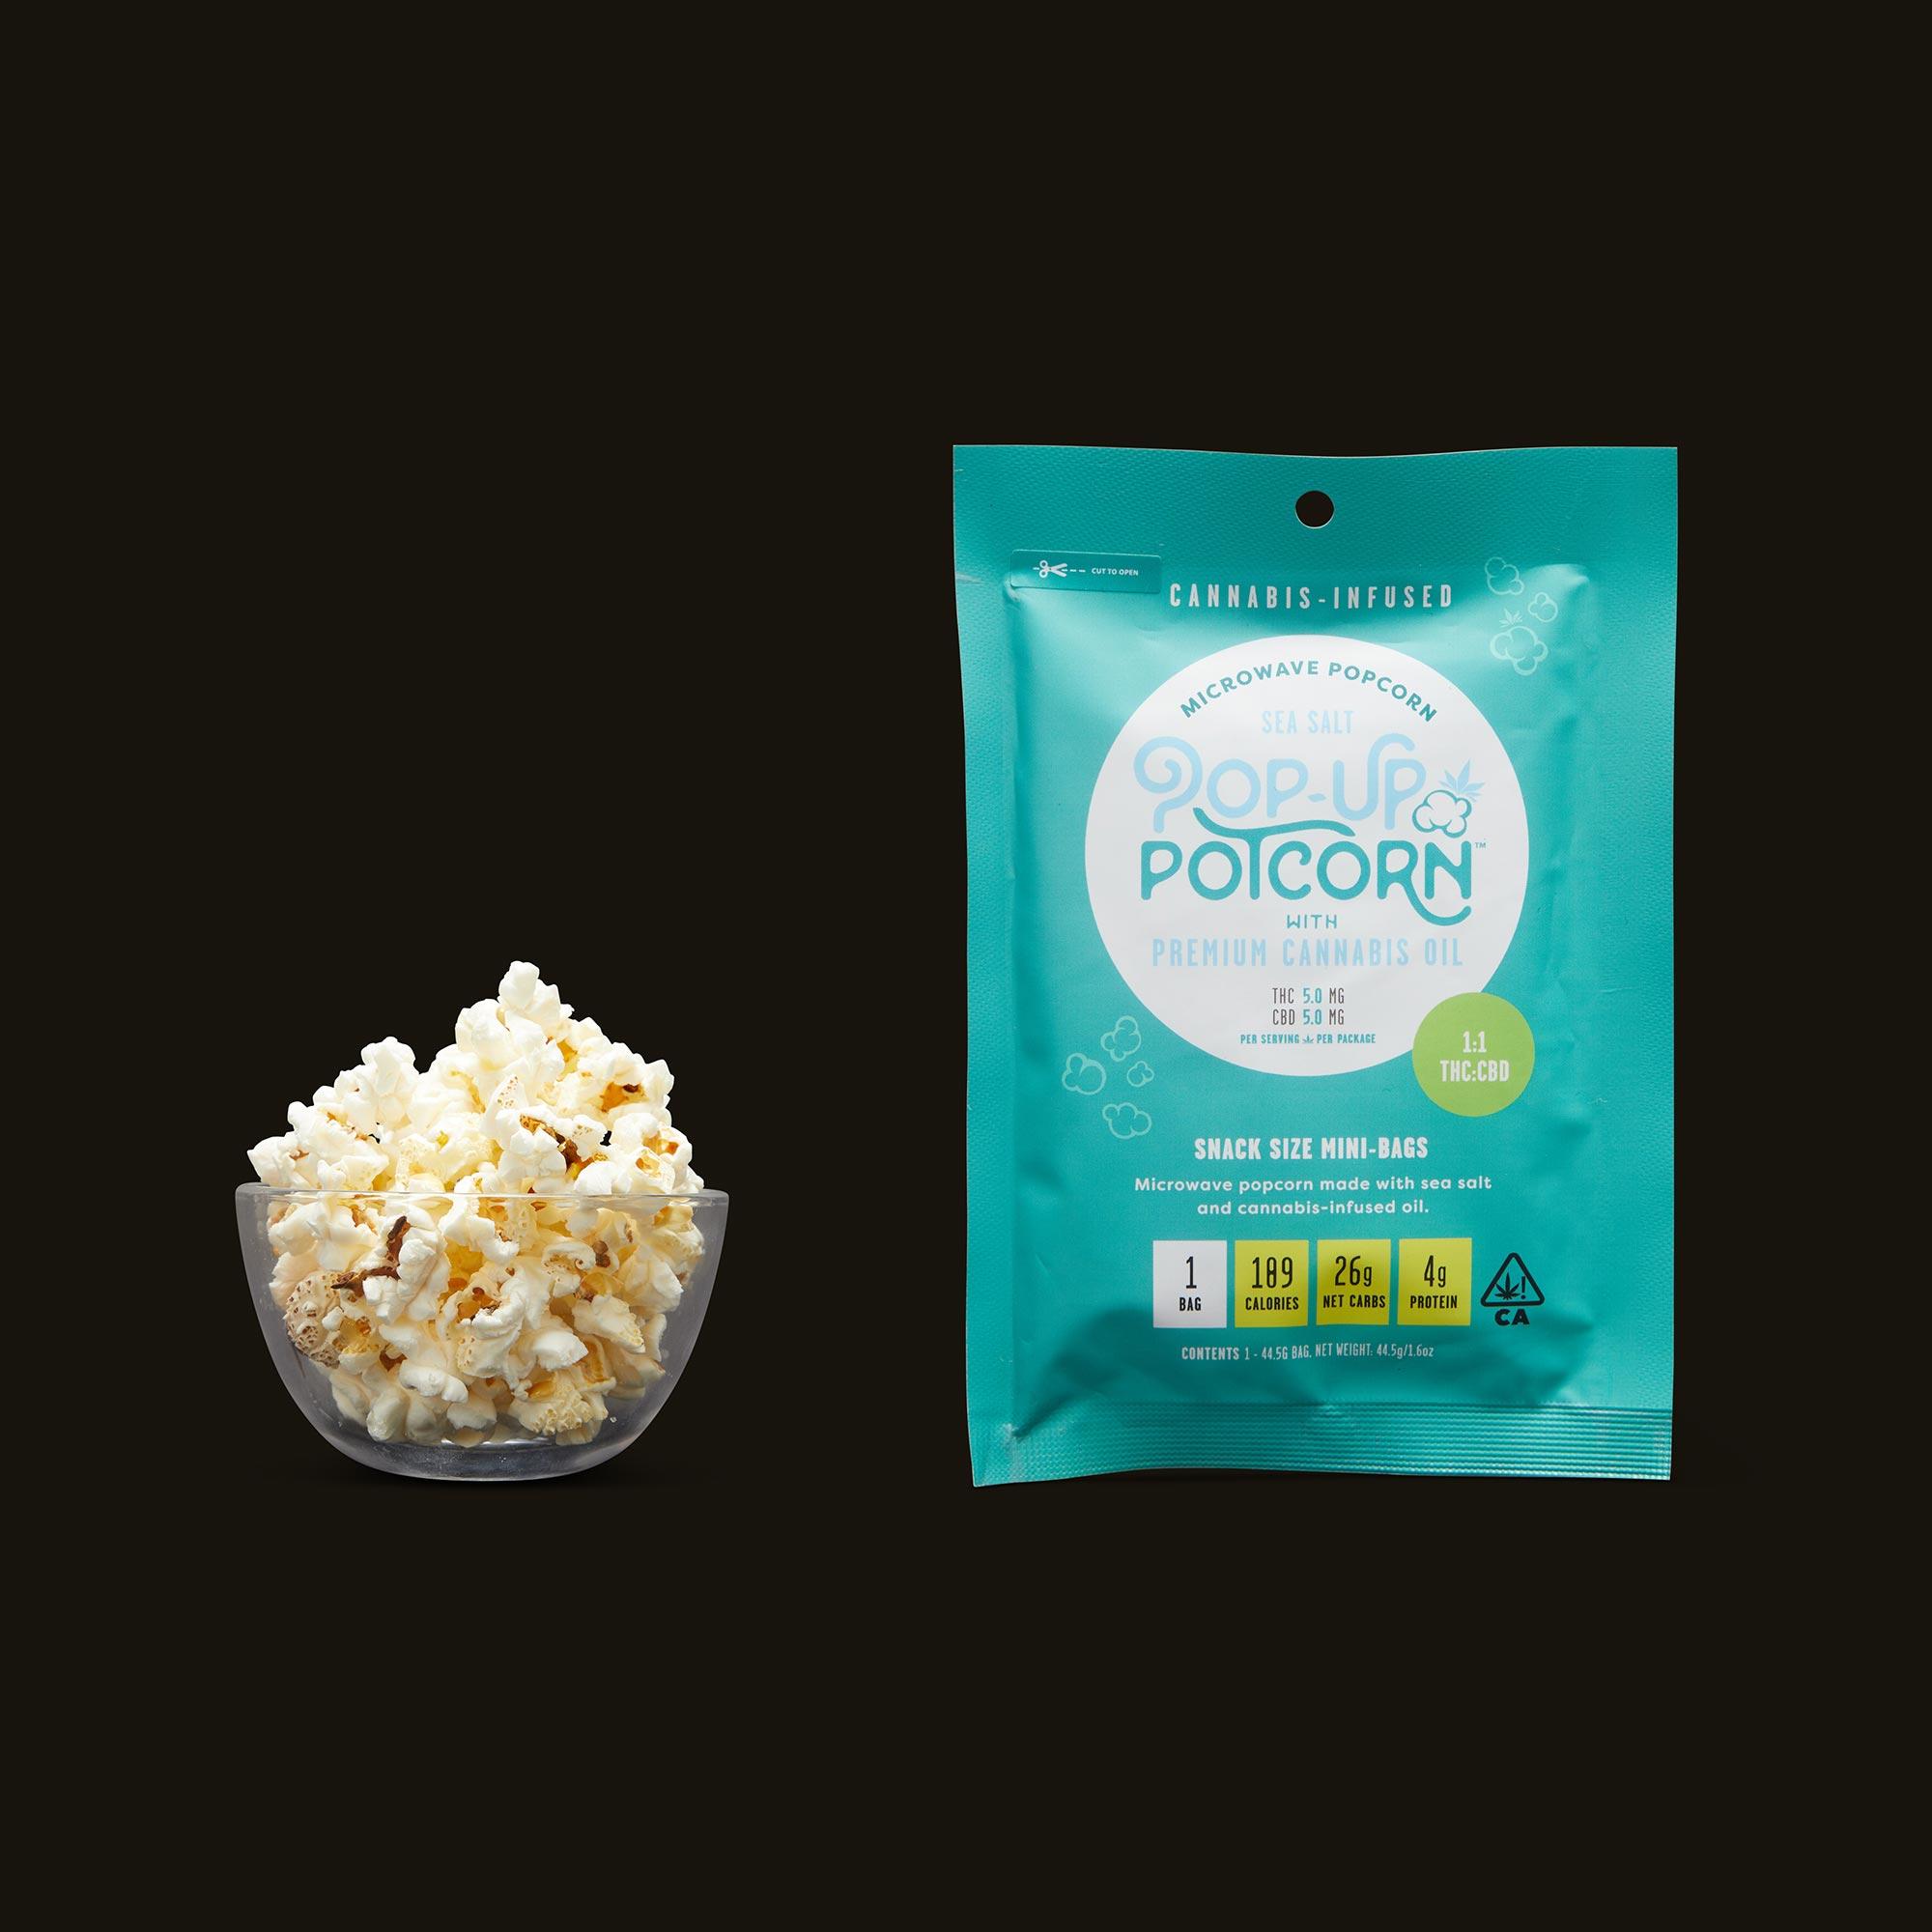 Pop-Up Potcorn Sea Salt Microwave Popcorn 1:1 - Single